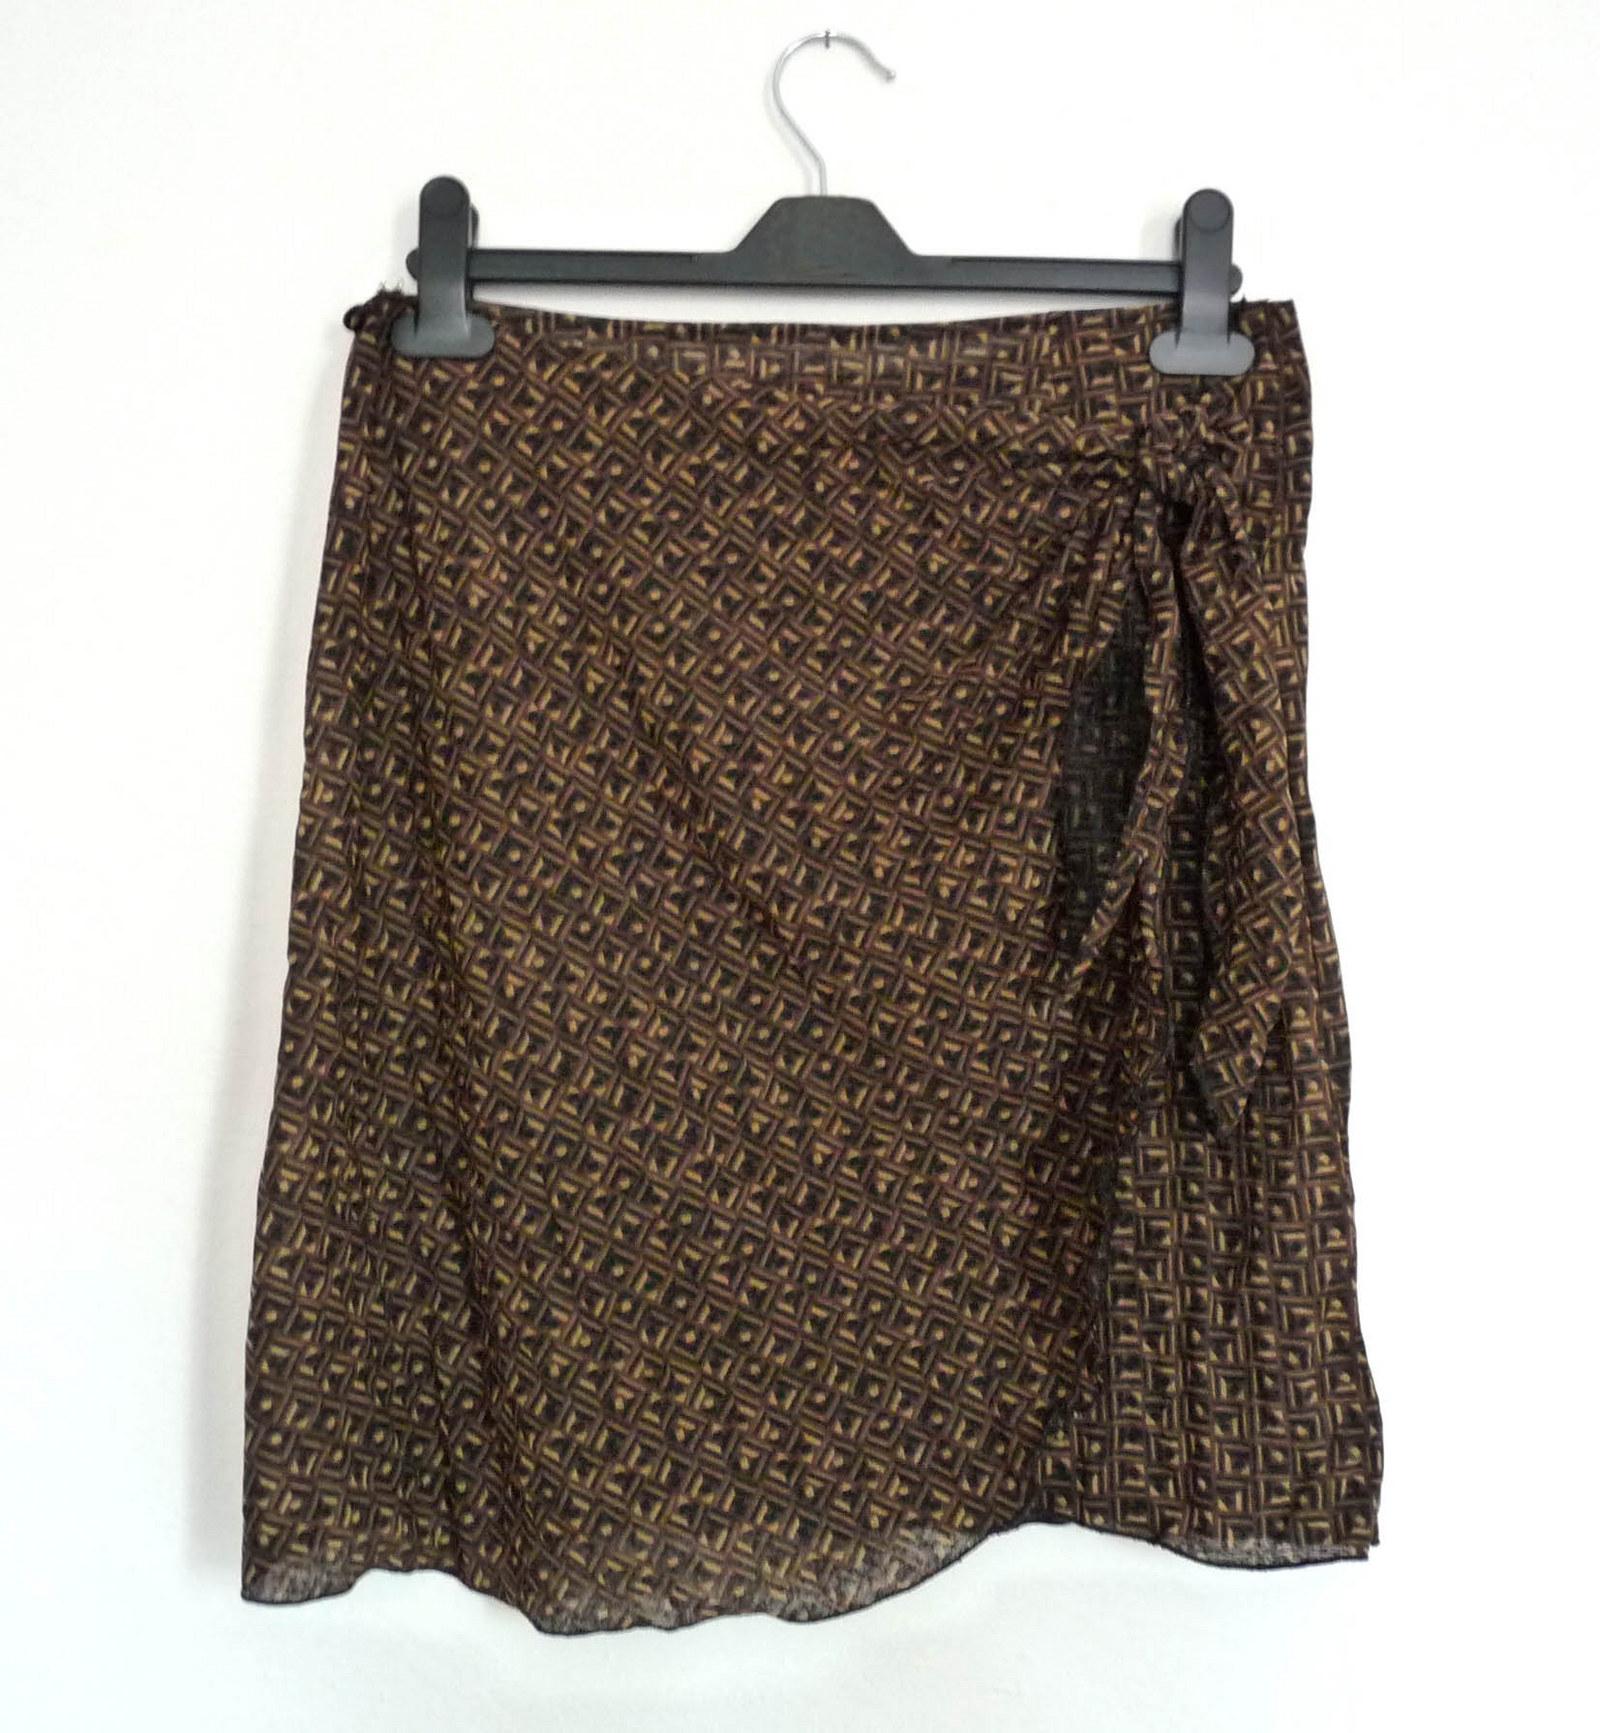 Dámská zavinovací sukně   Zboží prodejce Jane-s  1ac33d46cb